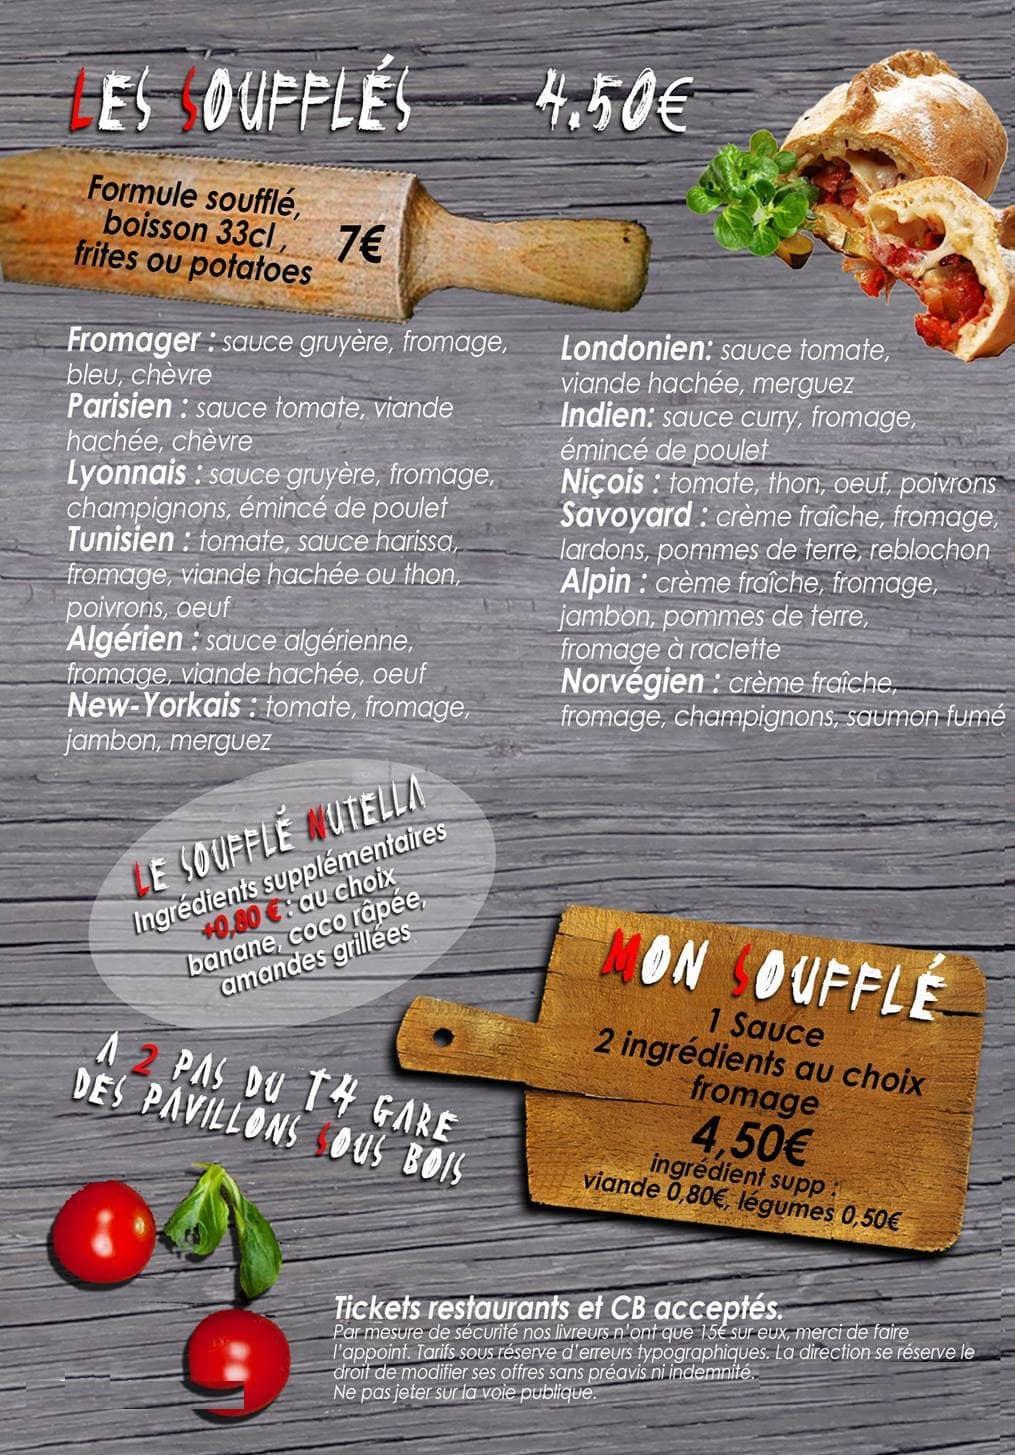 Pizza Hut Pavillons Sous Bois u2013 Myqto com # Le Cercle Pizza Aulnay Sous Bois